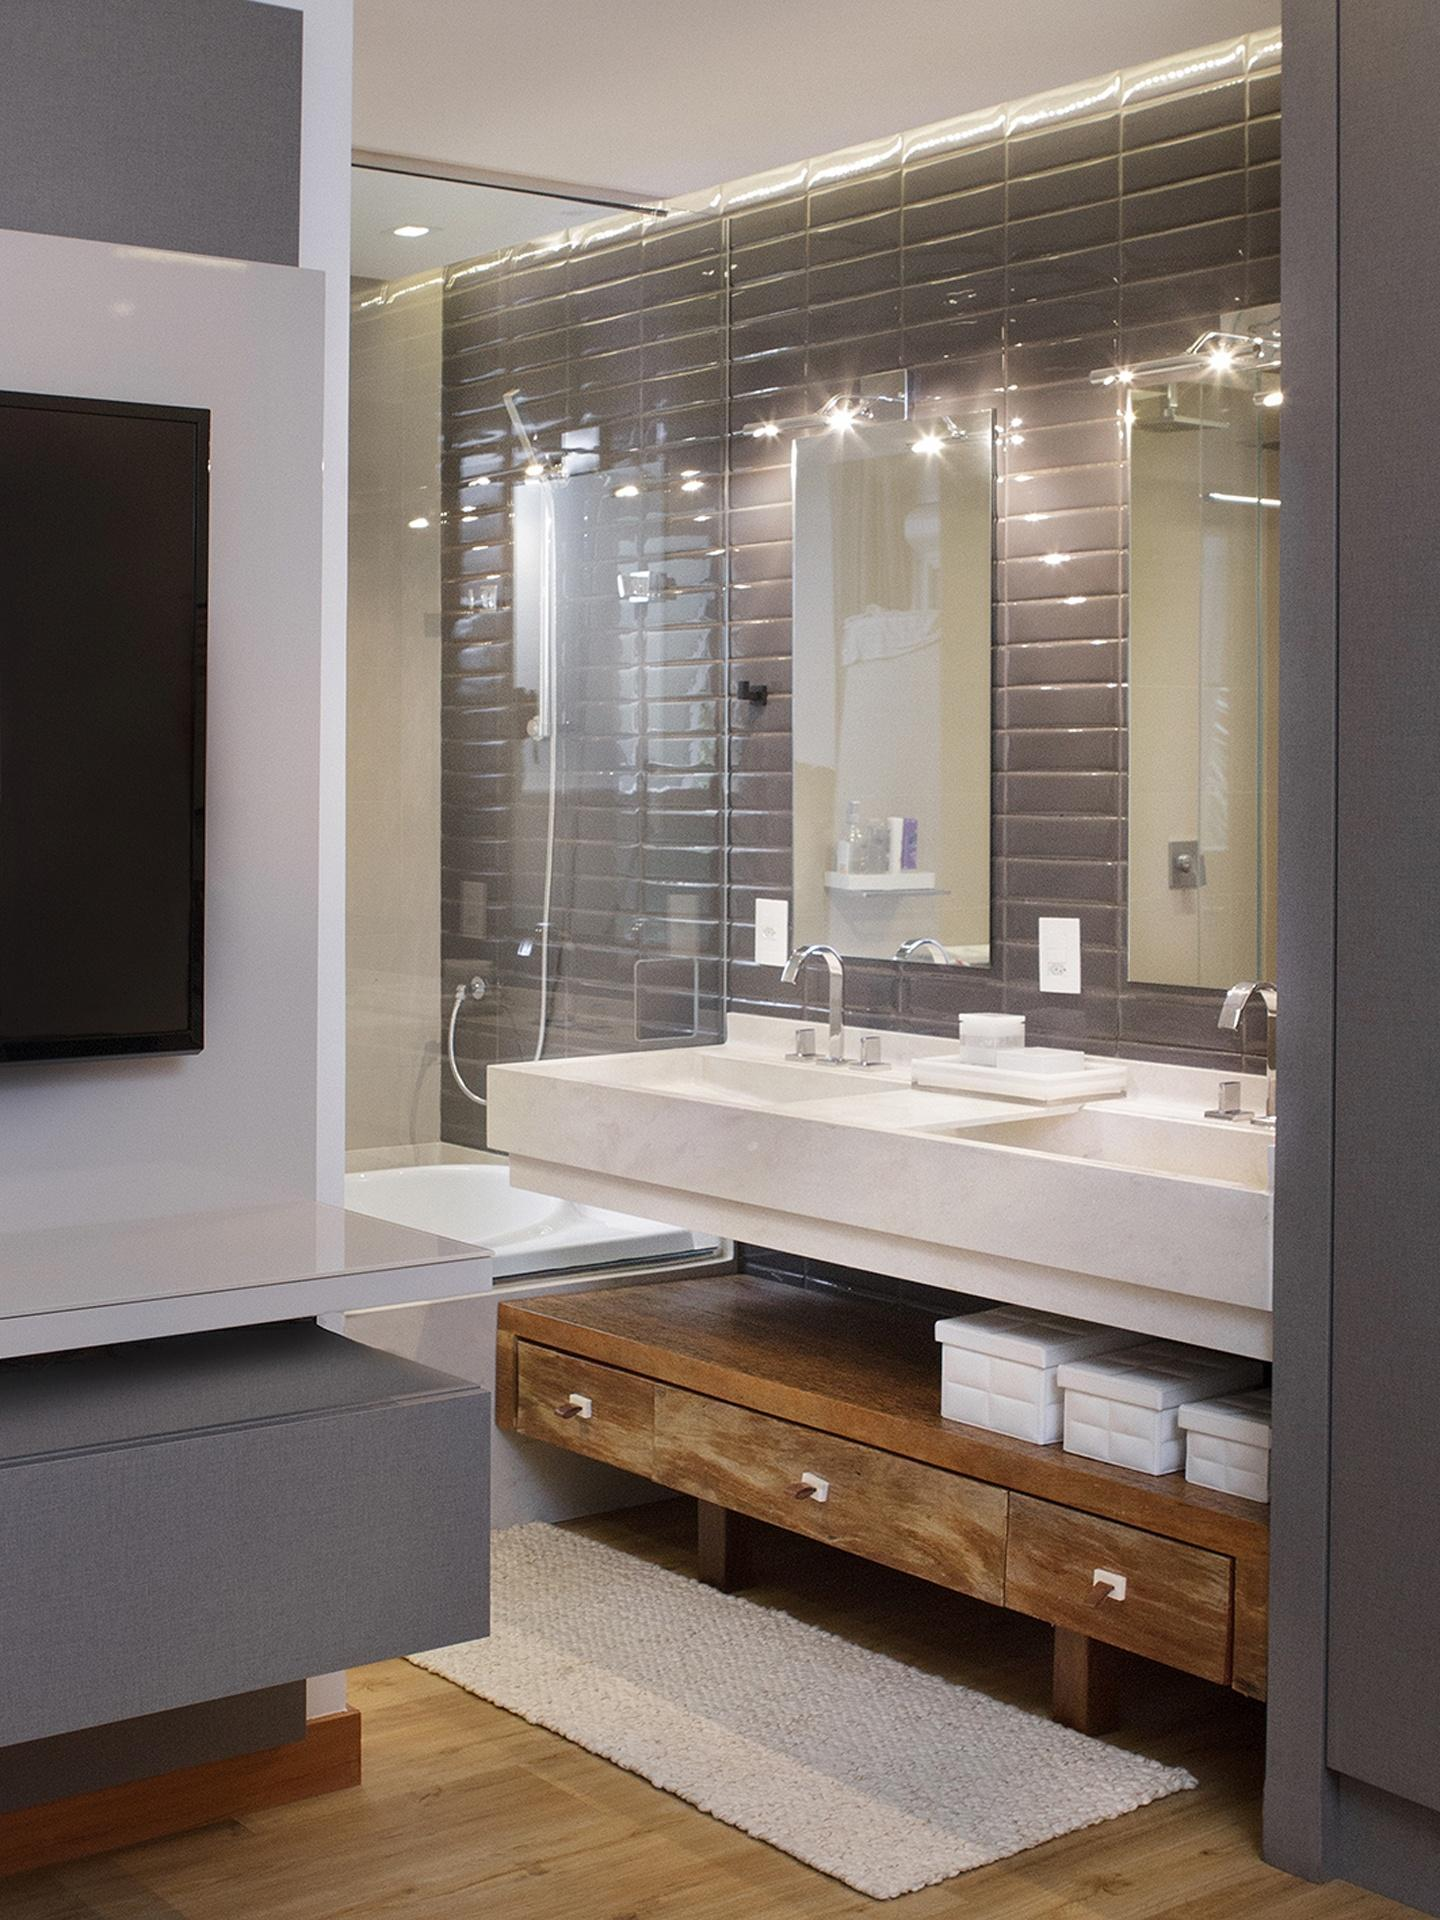 Banheiros: sugestões para decoração tendo muito ou pouco espaço  #7F6448 1440 1920